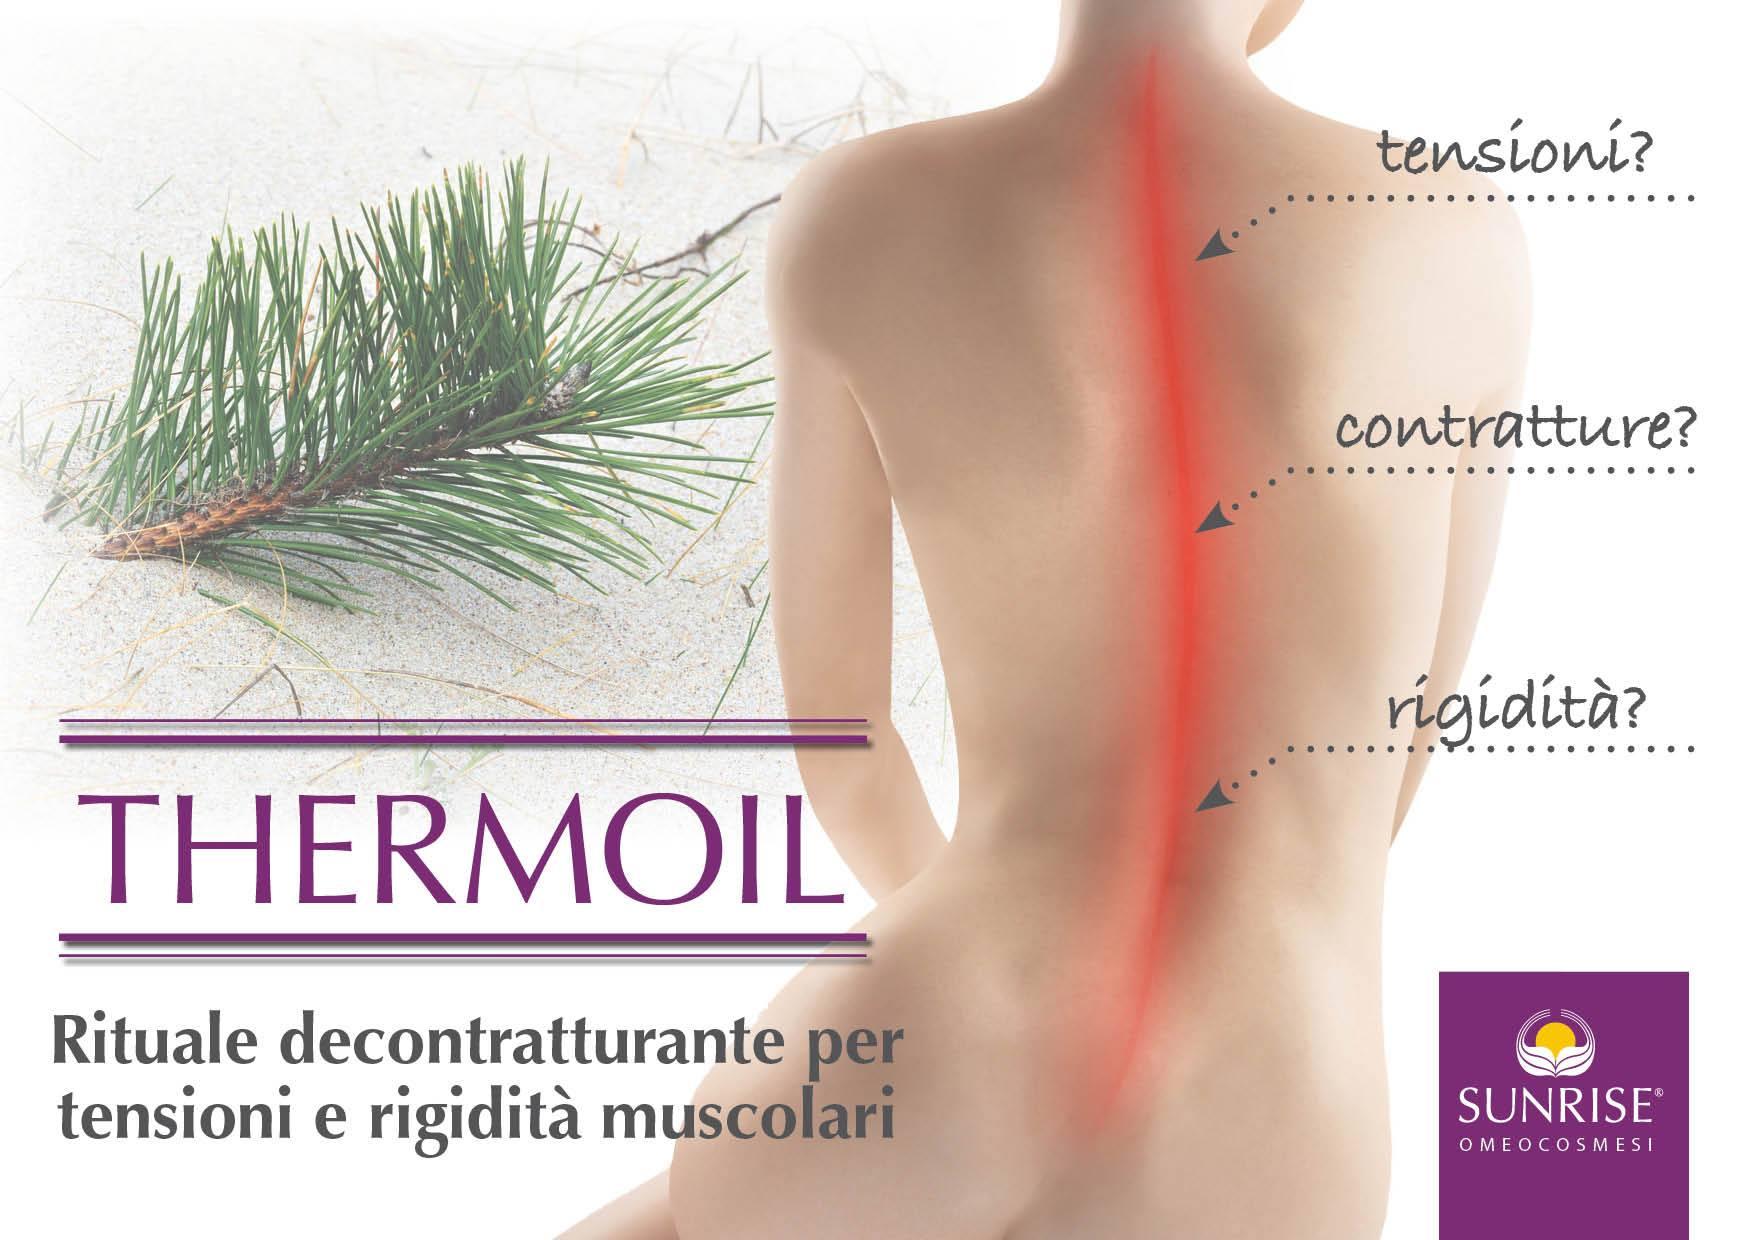 trattamento thermoil